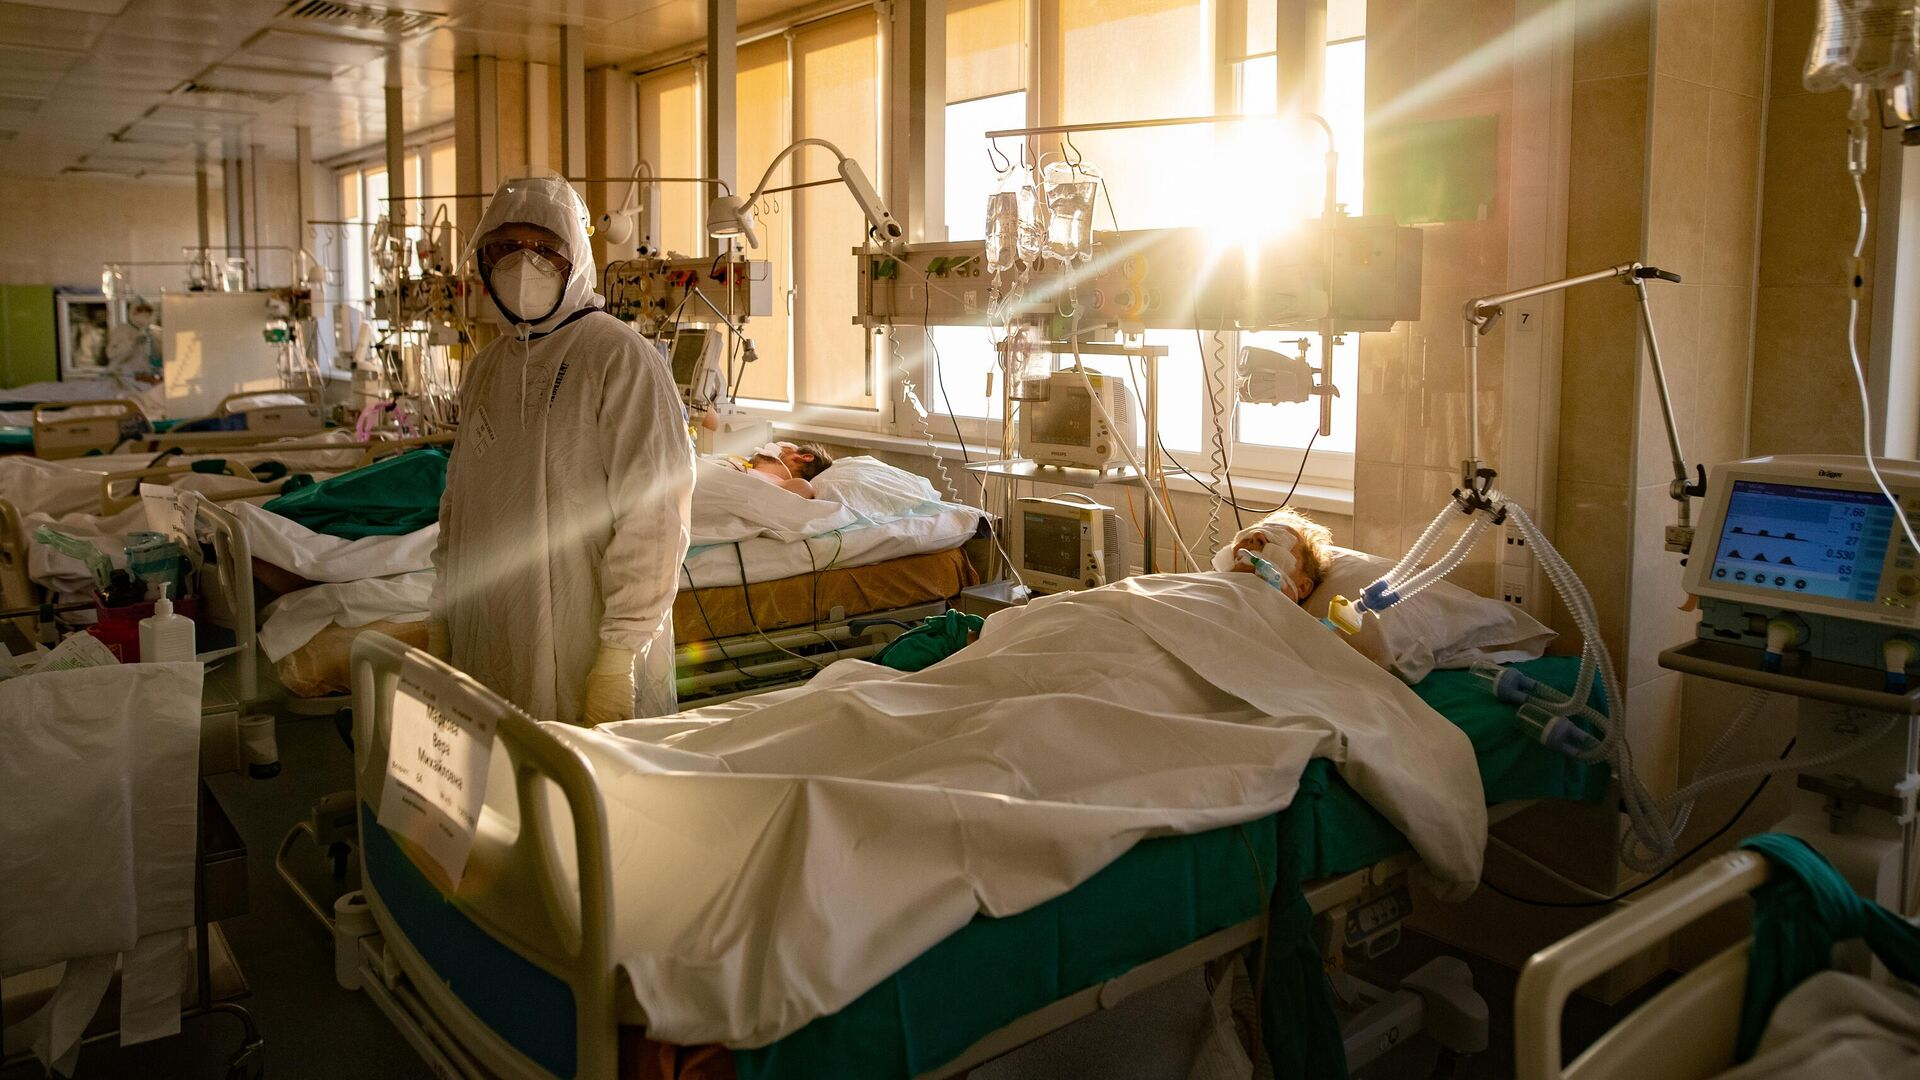 Медицинский сотрудник в отделении реанимации и интенсивной терапии городской клинической больницы № 15 имени О. М. Филатова в Москве - РИА Новости, 1920, 13.12.2020